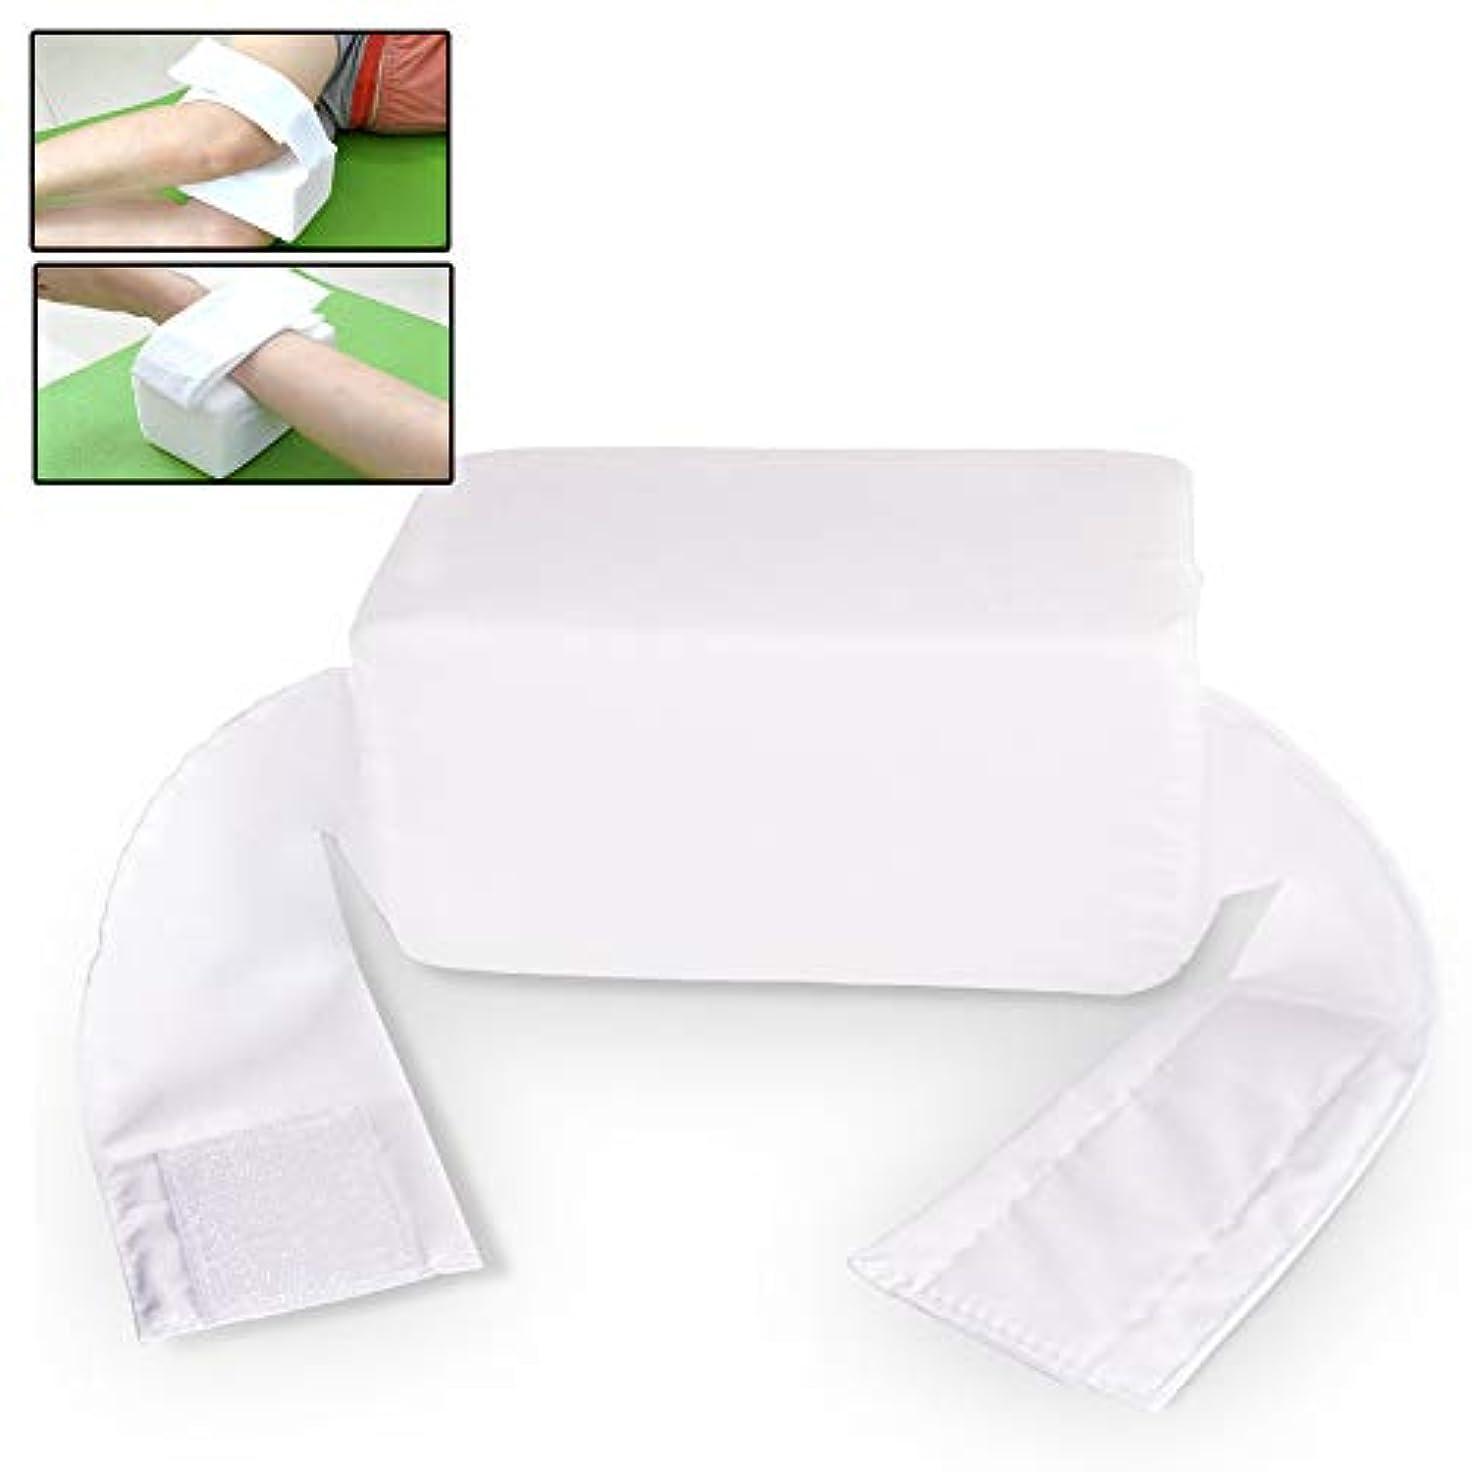 腐食する一生困惑調節可能なストラップ付きの多機能抗床ずれ膝枕 -サイドスリーパー、坐骨神経痛、妊娠と関節痛のためのくさびスポンジ枕